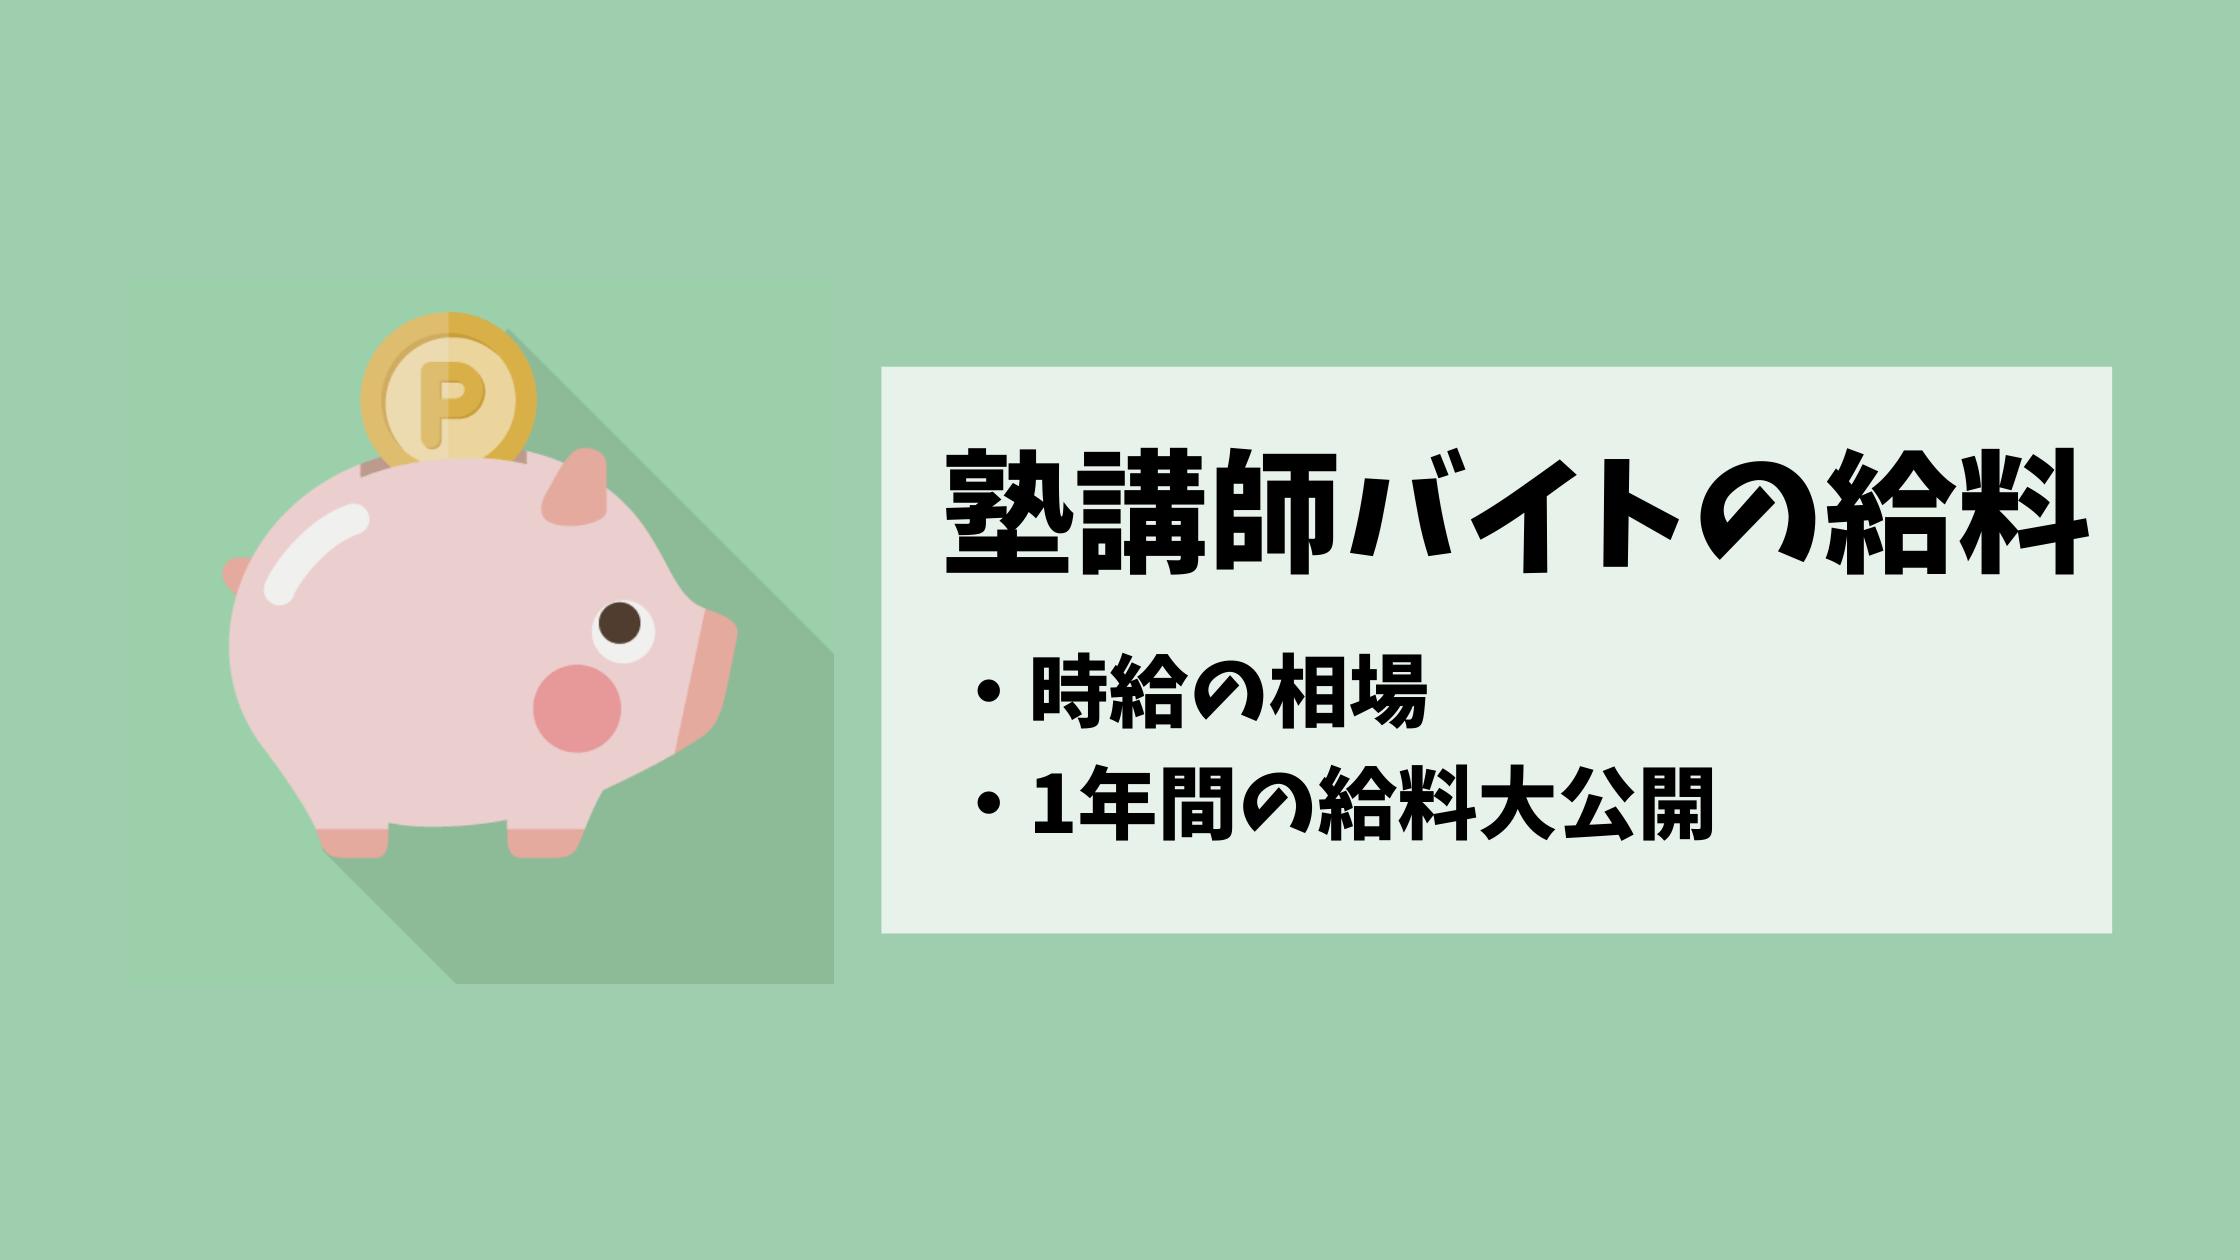 塾講師バイトの給料公開のアイキャッチ